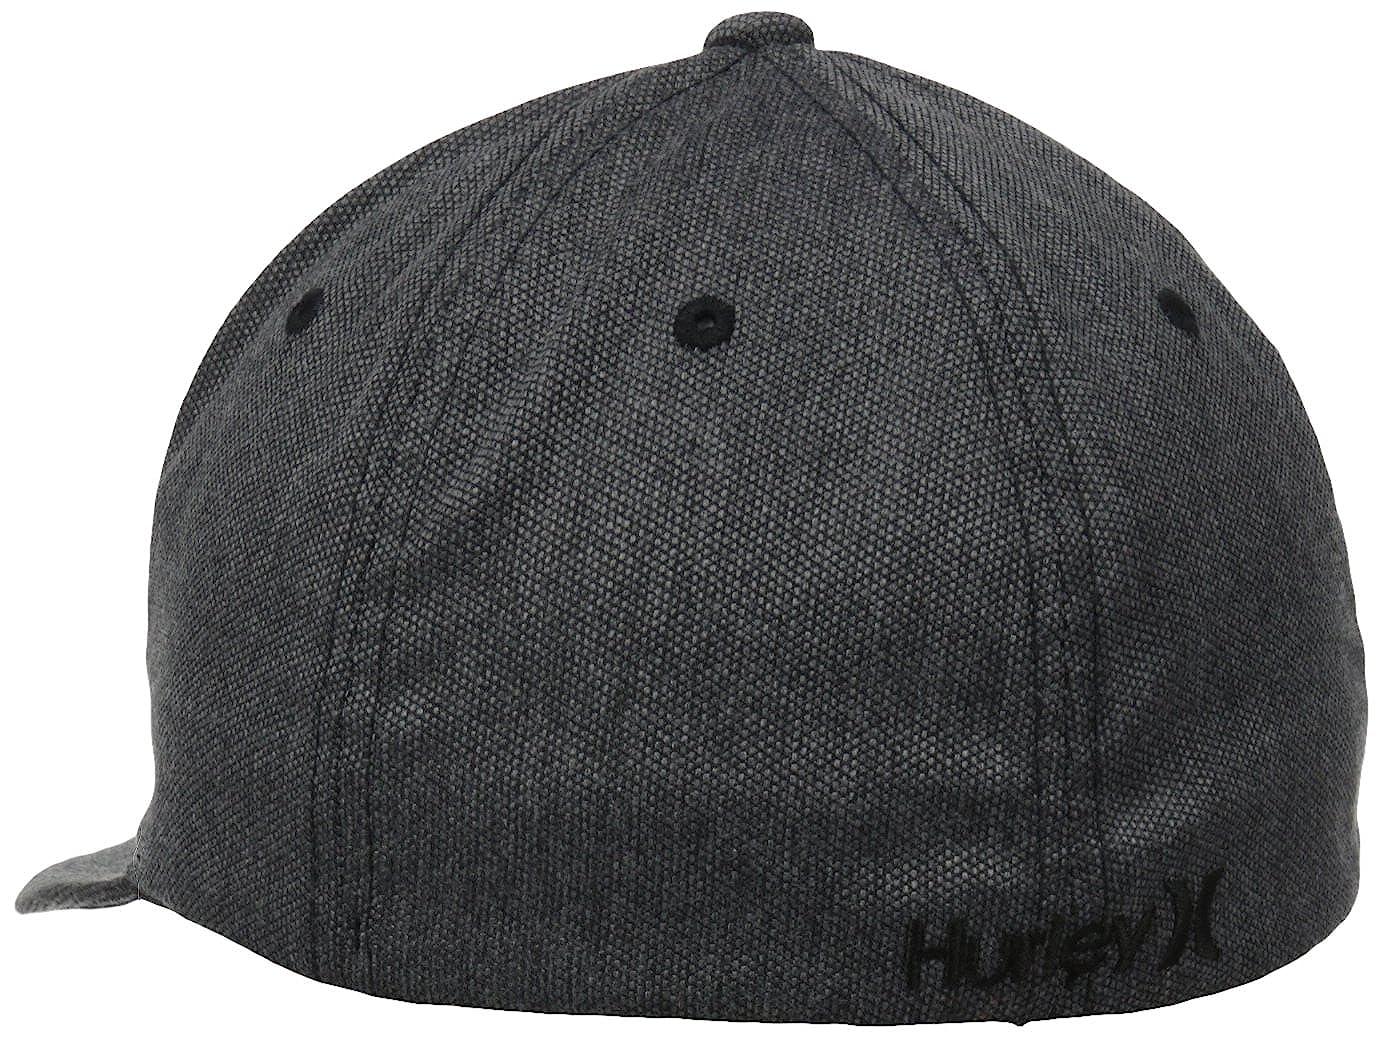 30b6157ba3198 Amazon.com  Hurley Men s Black Suits Flexfit Hat  Clothing